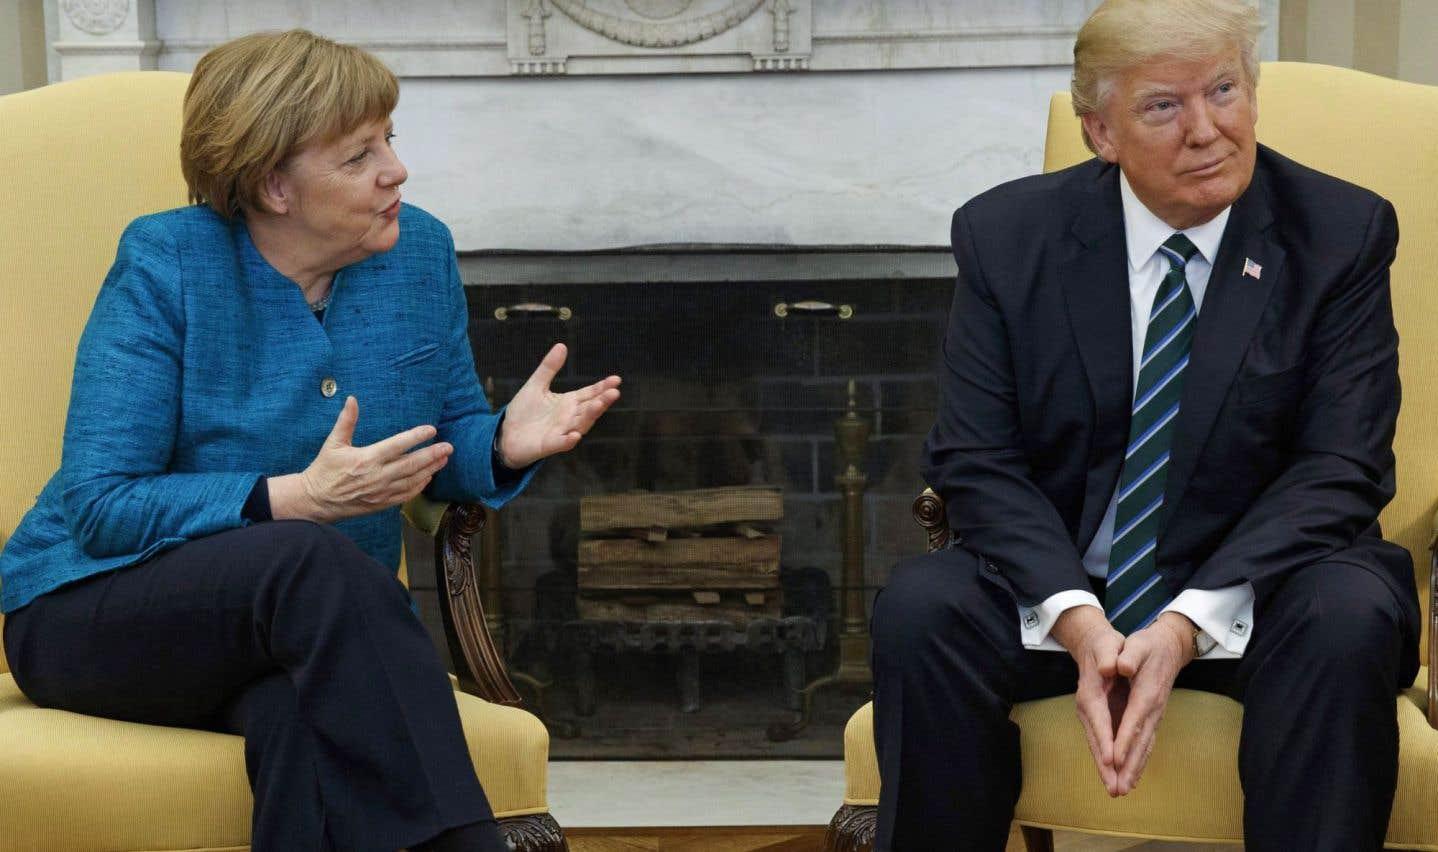 La poignée de main ratée Trump-Merkel: un camouflet géopolitique